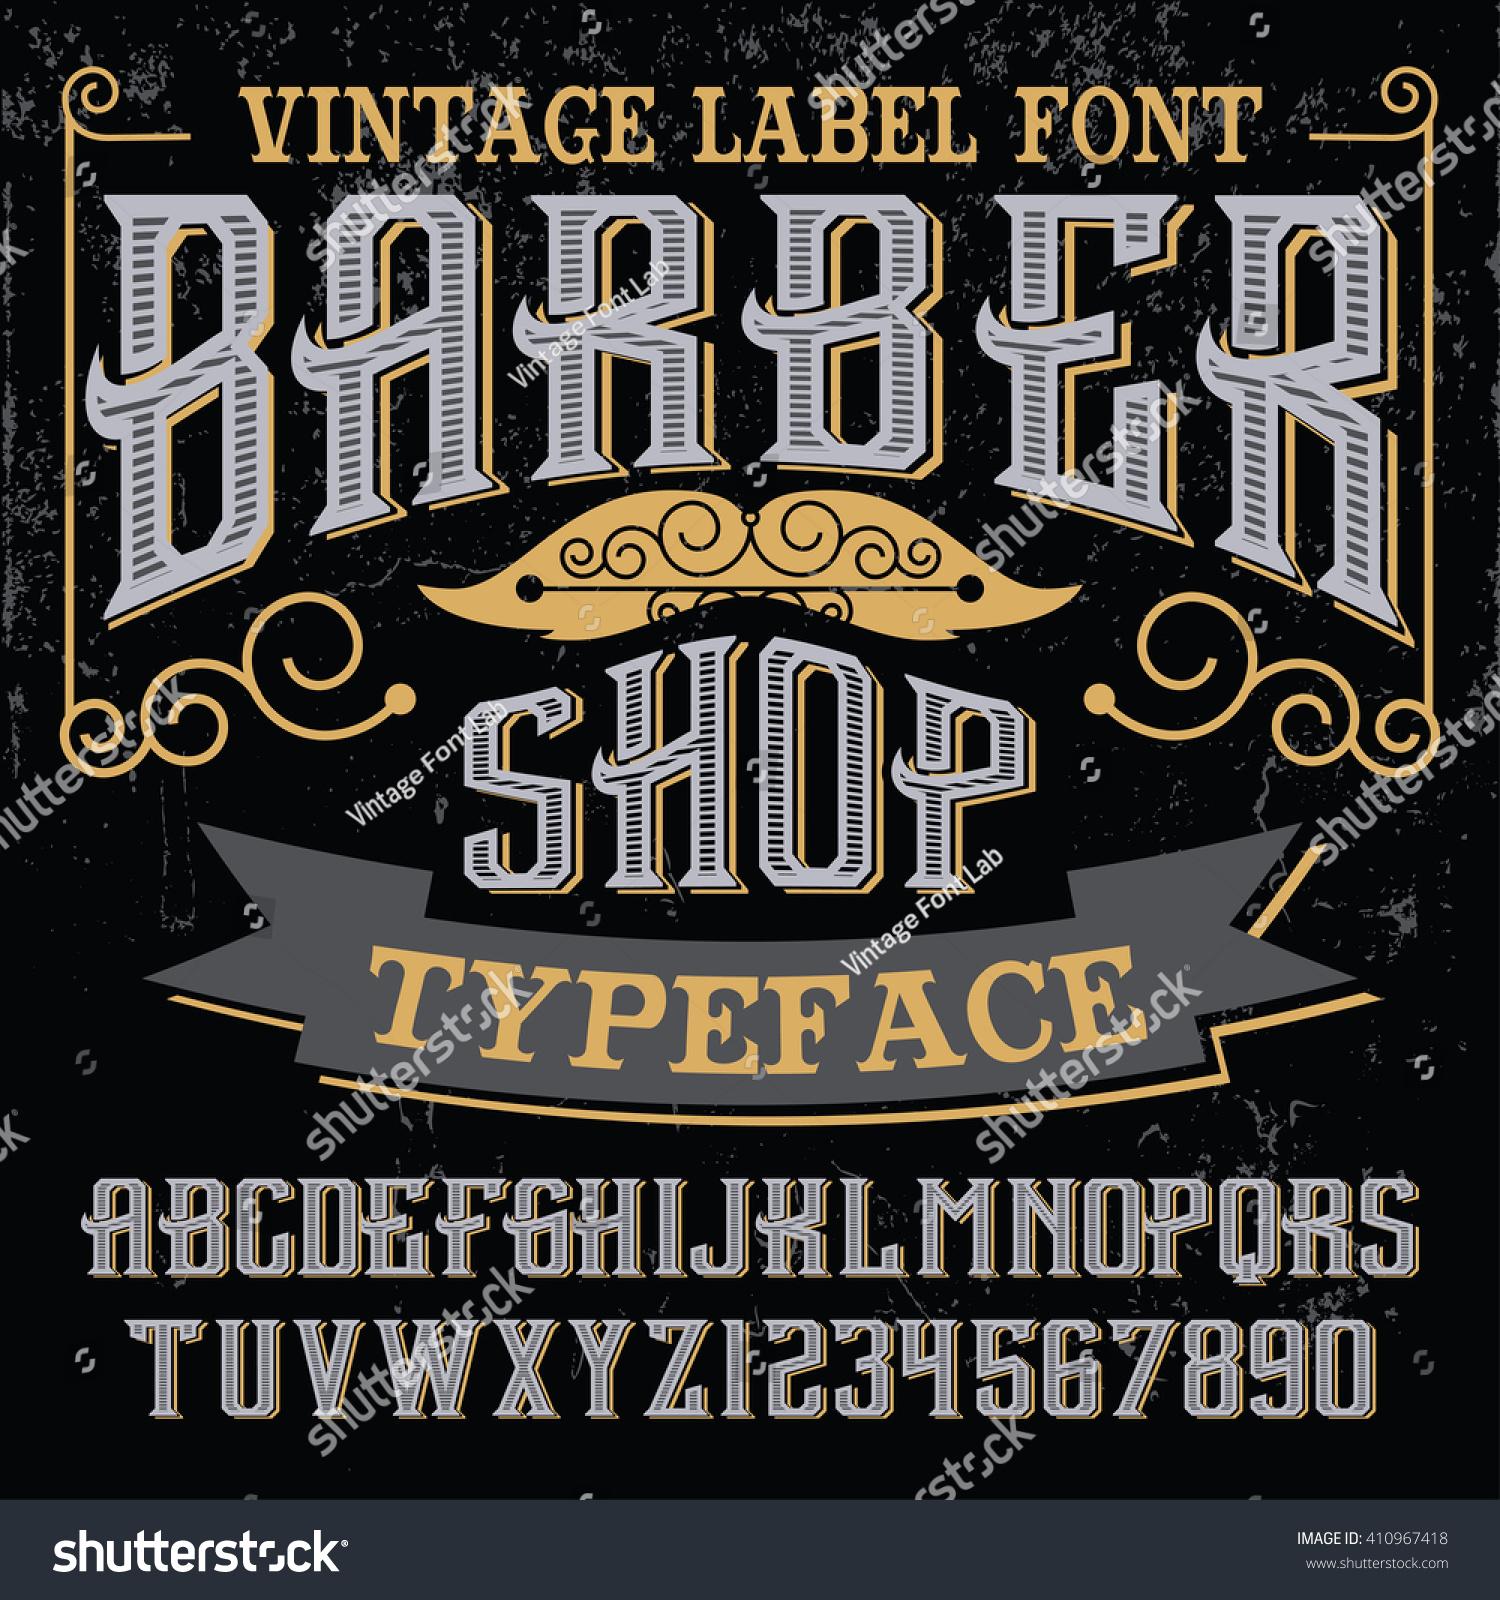 Vintage Label Font - Barber Shop - Vector Font, Vintage Label Font ...